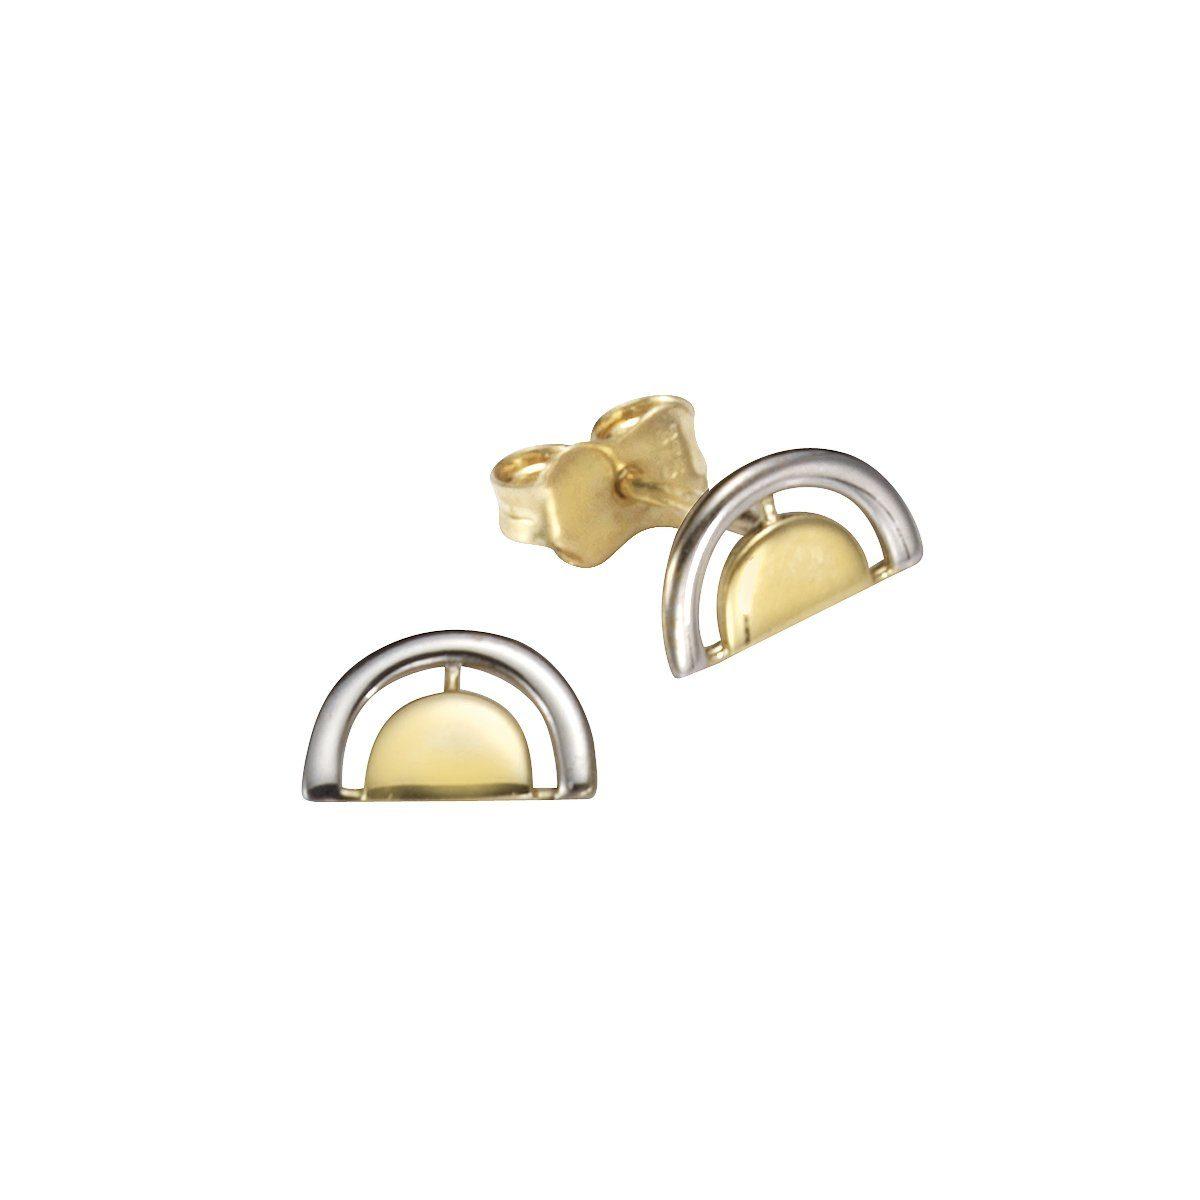 Vivance Ohrstecker 375/- Gold bicolor   Schmuck > Ohrschmuck & Ohrringe > Ohrstecker   Bunt   Vivance